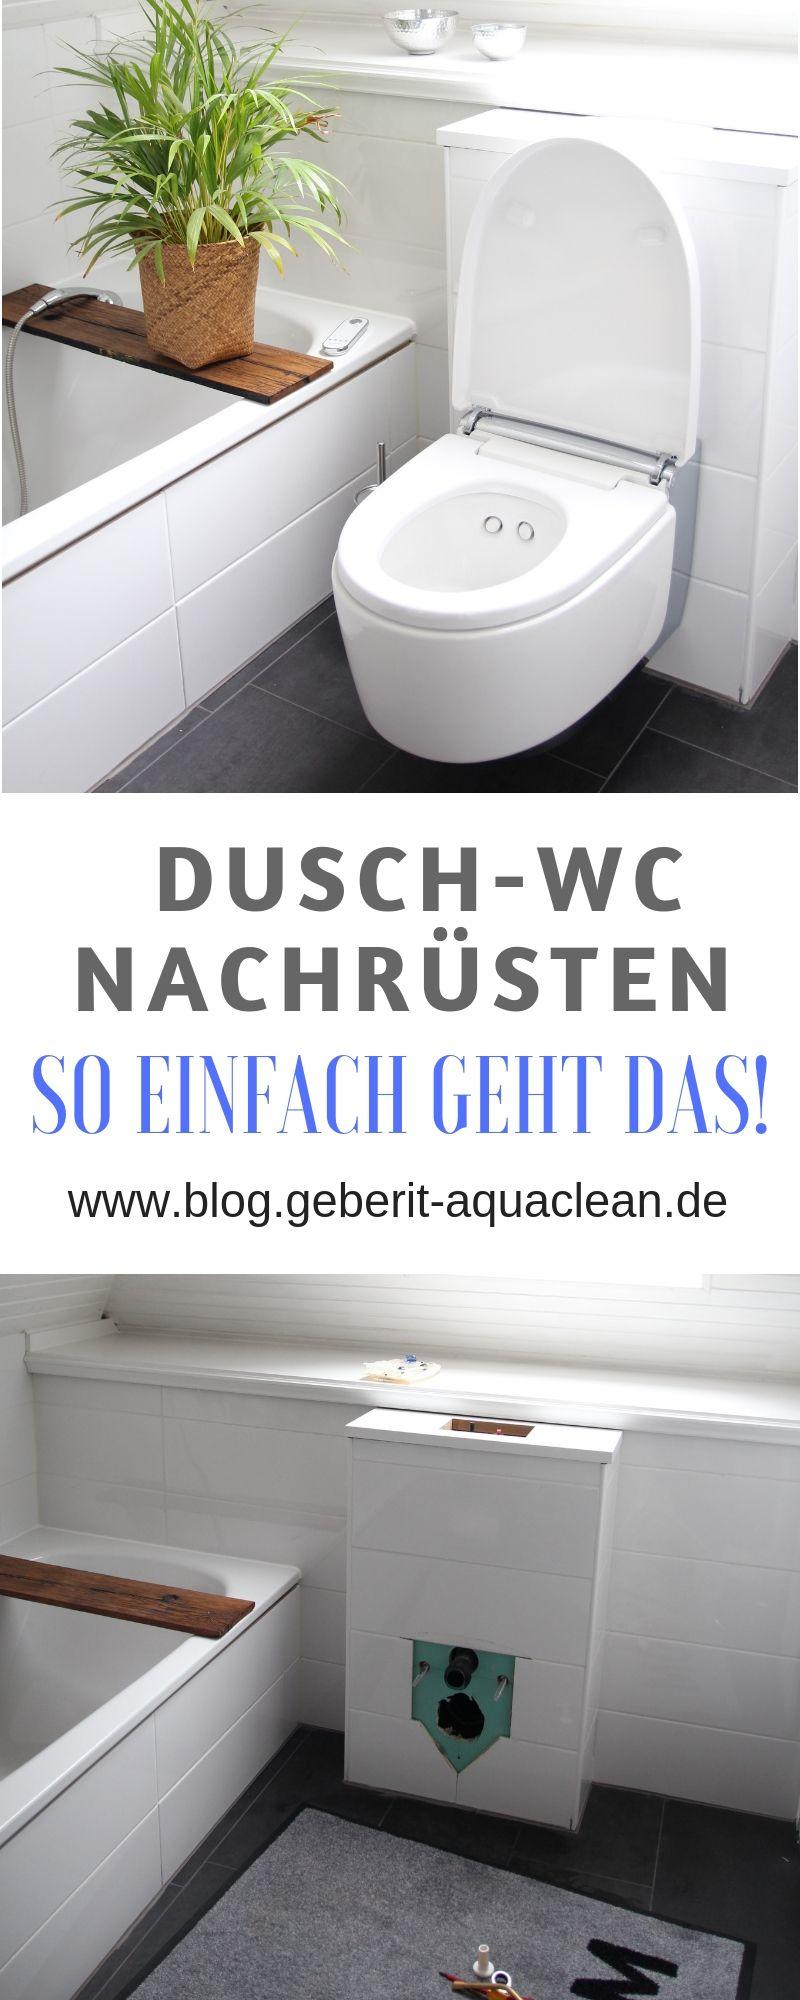 Dusch Wc Nachtraglich Einbauen Wc Mit Dusche Wc Renovieren Dusche